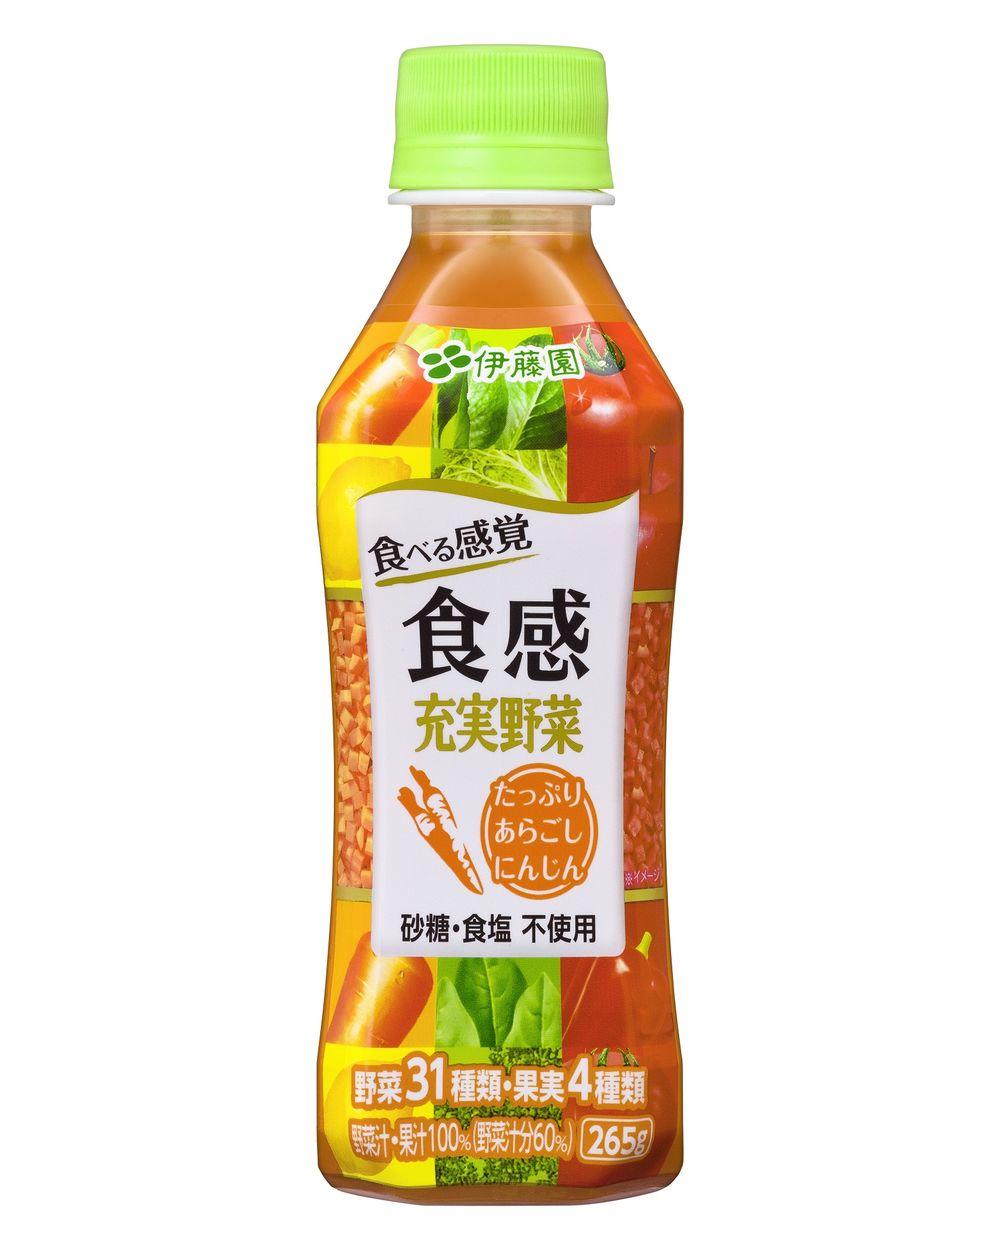 あらごしにんじんたっぷり! まるで野菜そのものを食べているような野菜ジュース